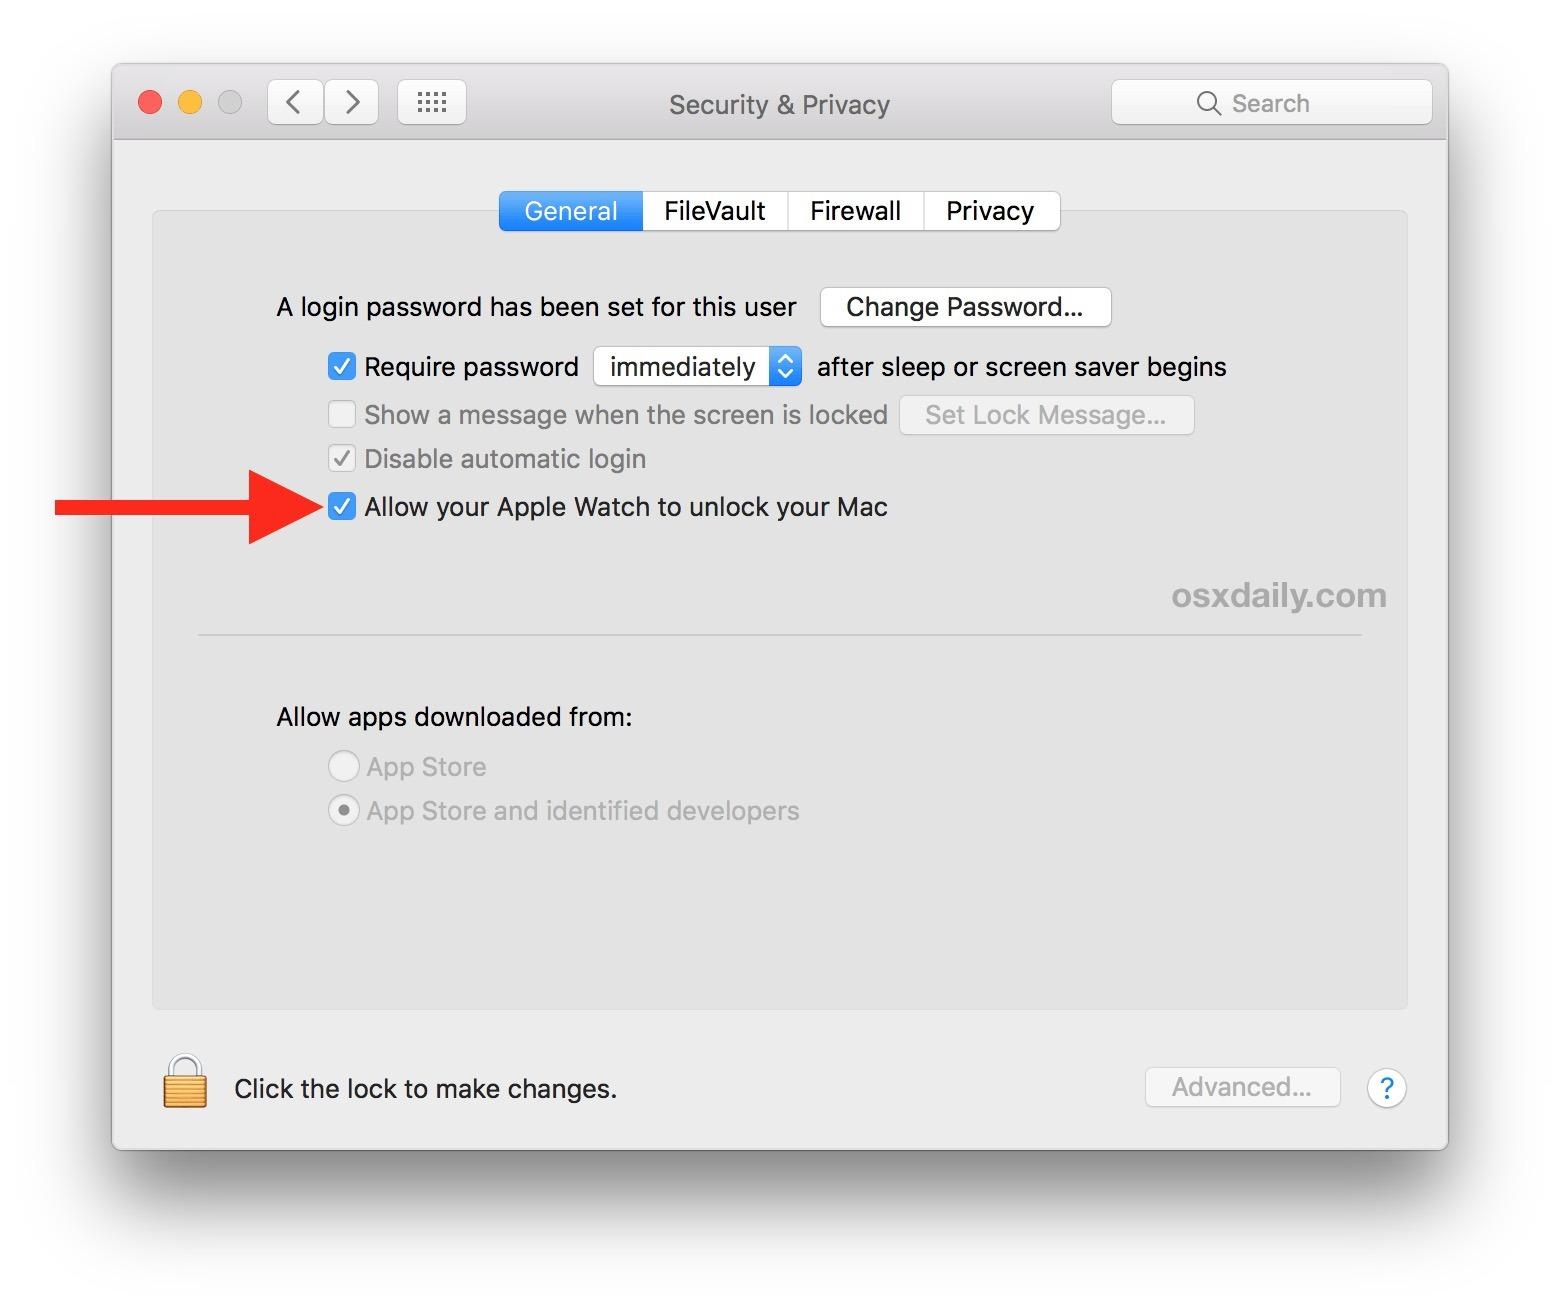 Permetti a Apple Watch di sbloccare il Mac